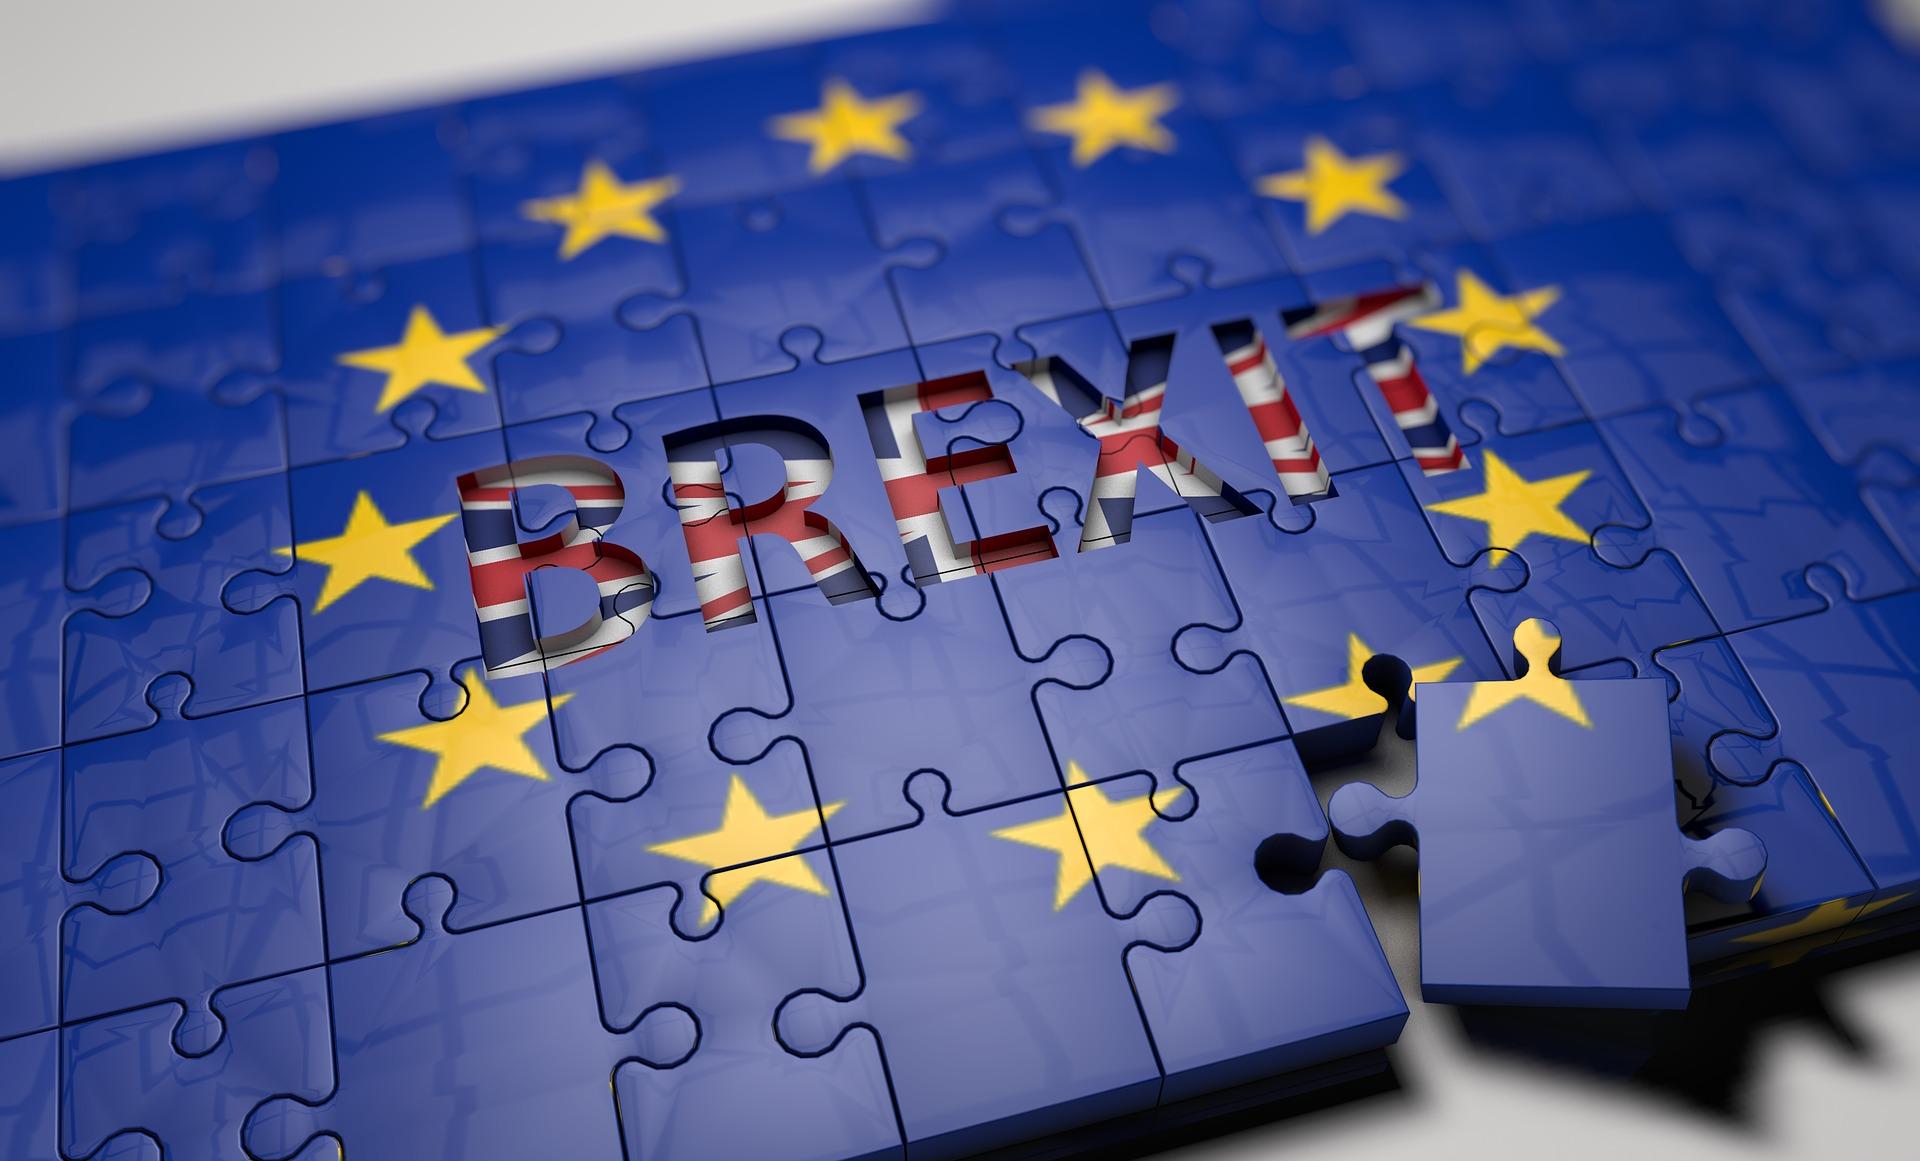 Brexit : comment affecte-t-il l'économie européenne?